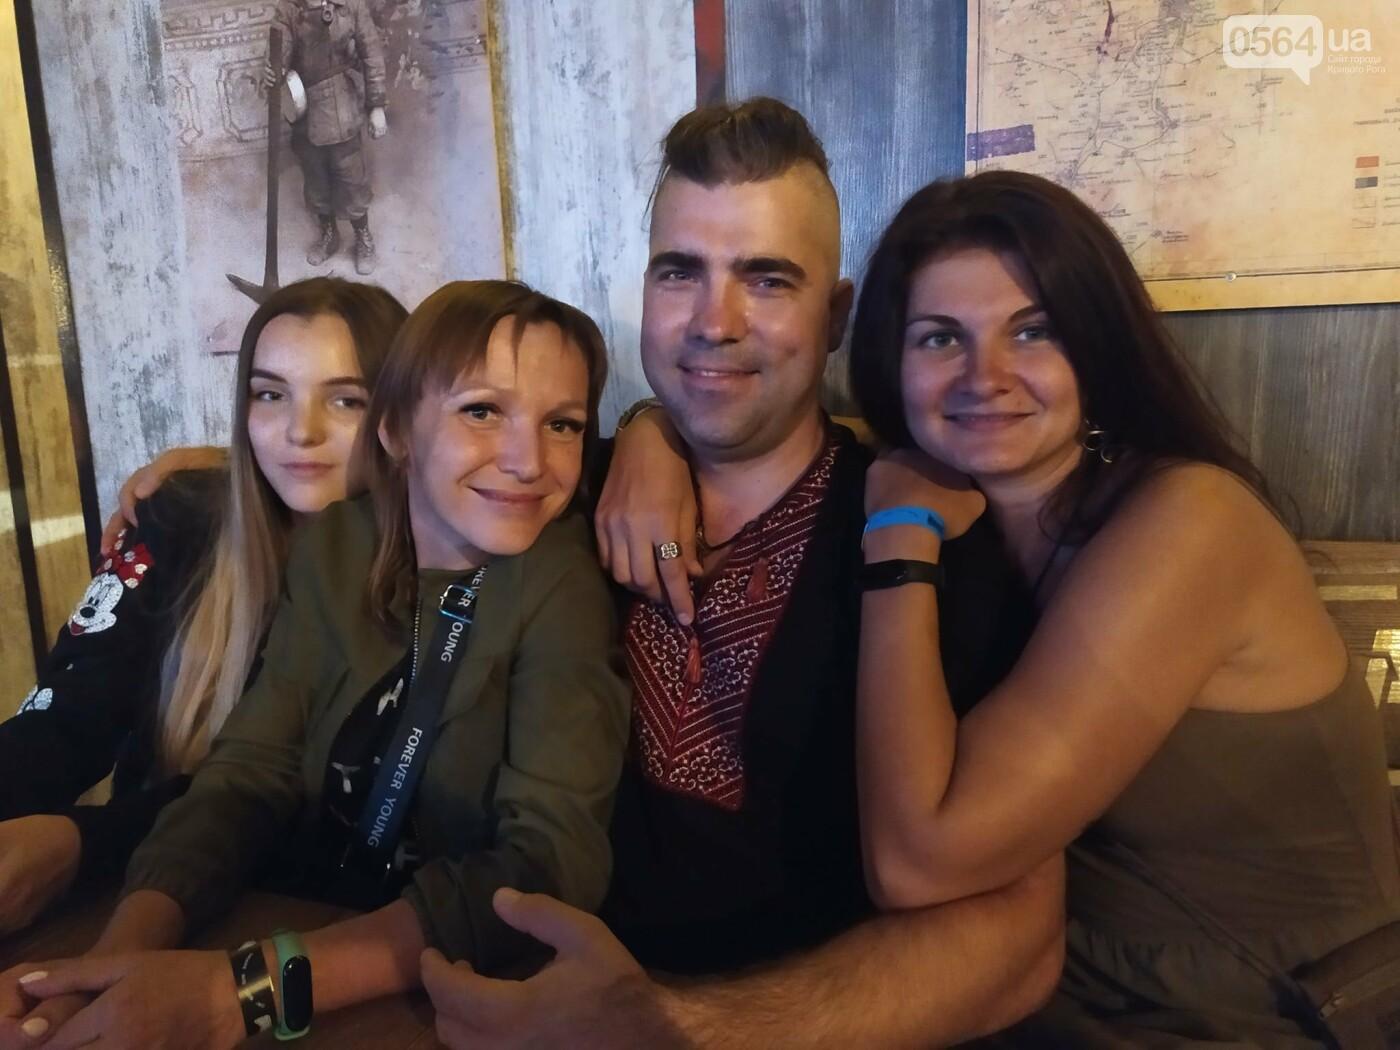 """Группа """"Роялькіт"""" зазвучала по-новому, - криворожские музыканты подготовили сюрпризы для своих поклонников, - ФОТО , фото-15"""